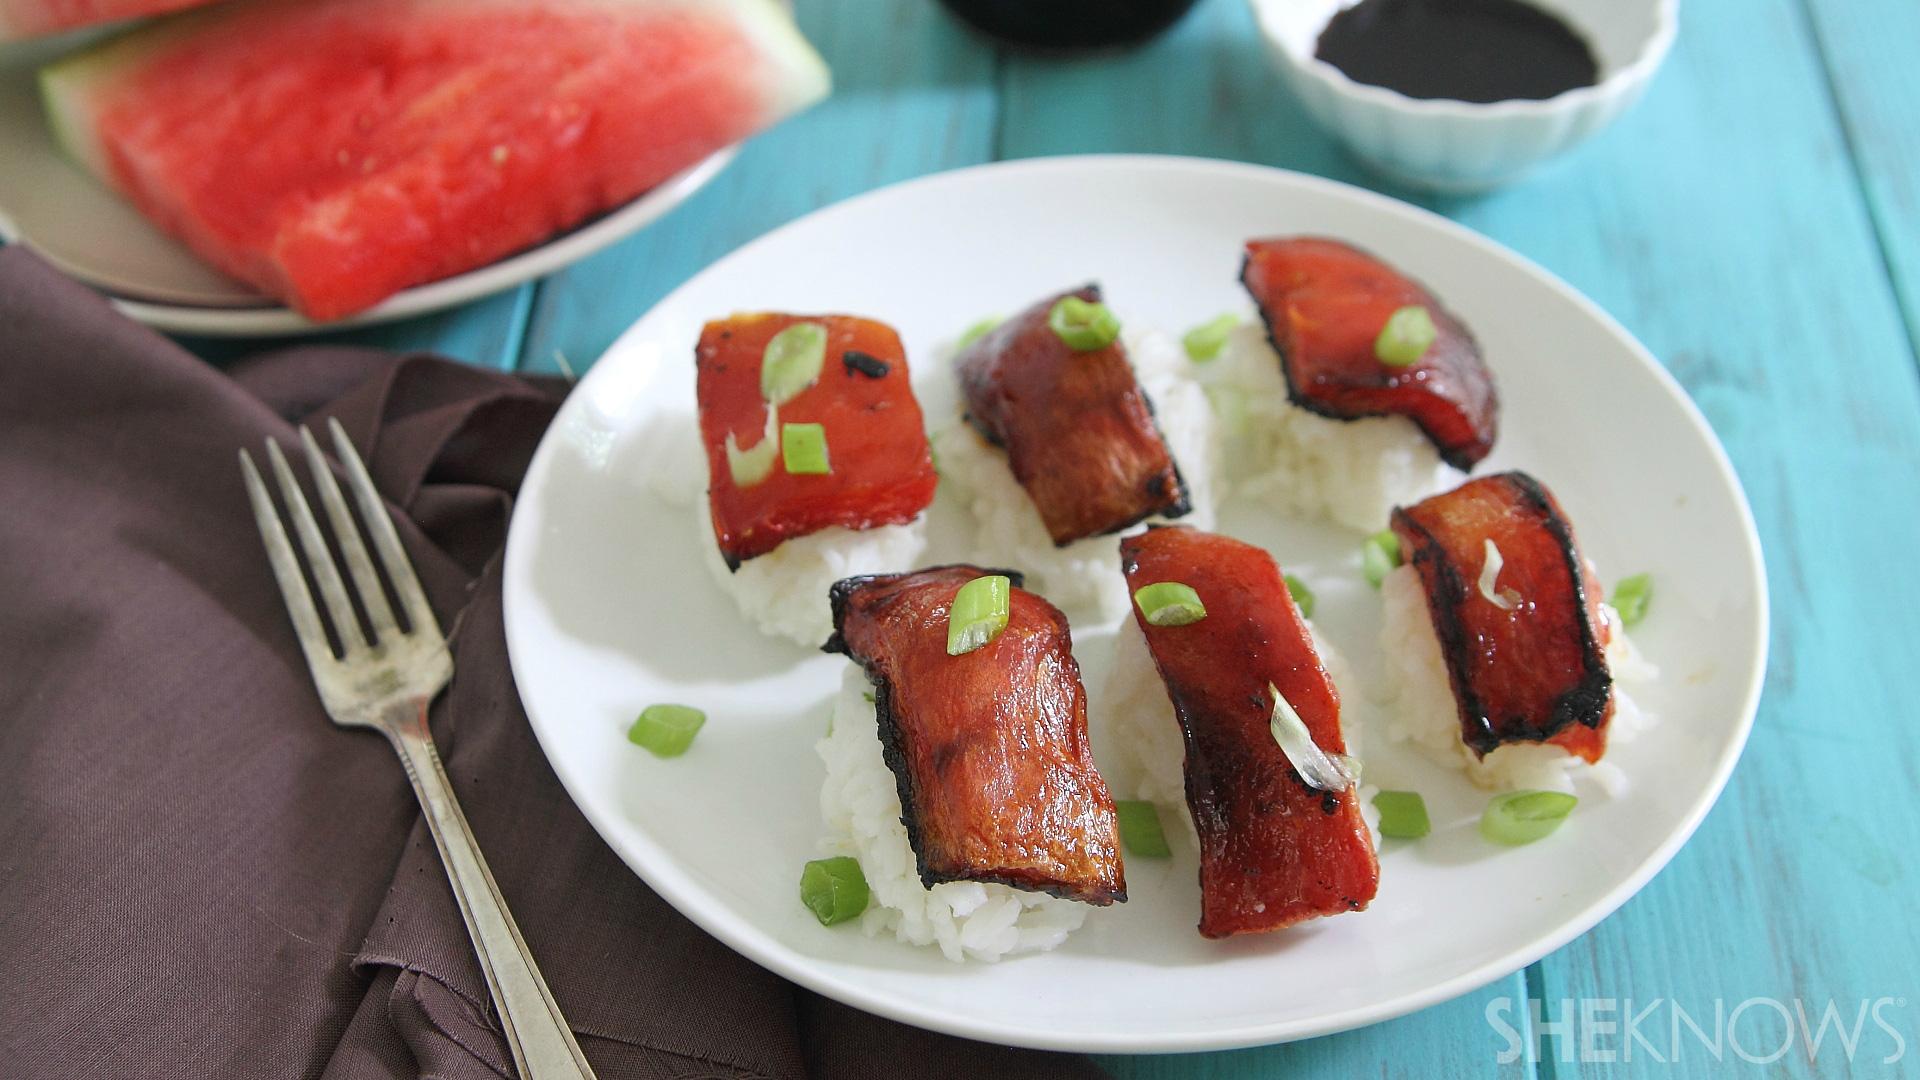 Fish-free sushi